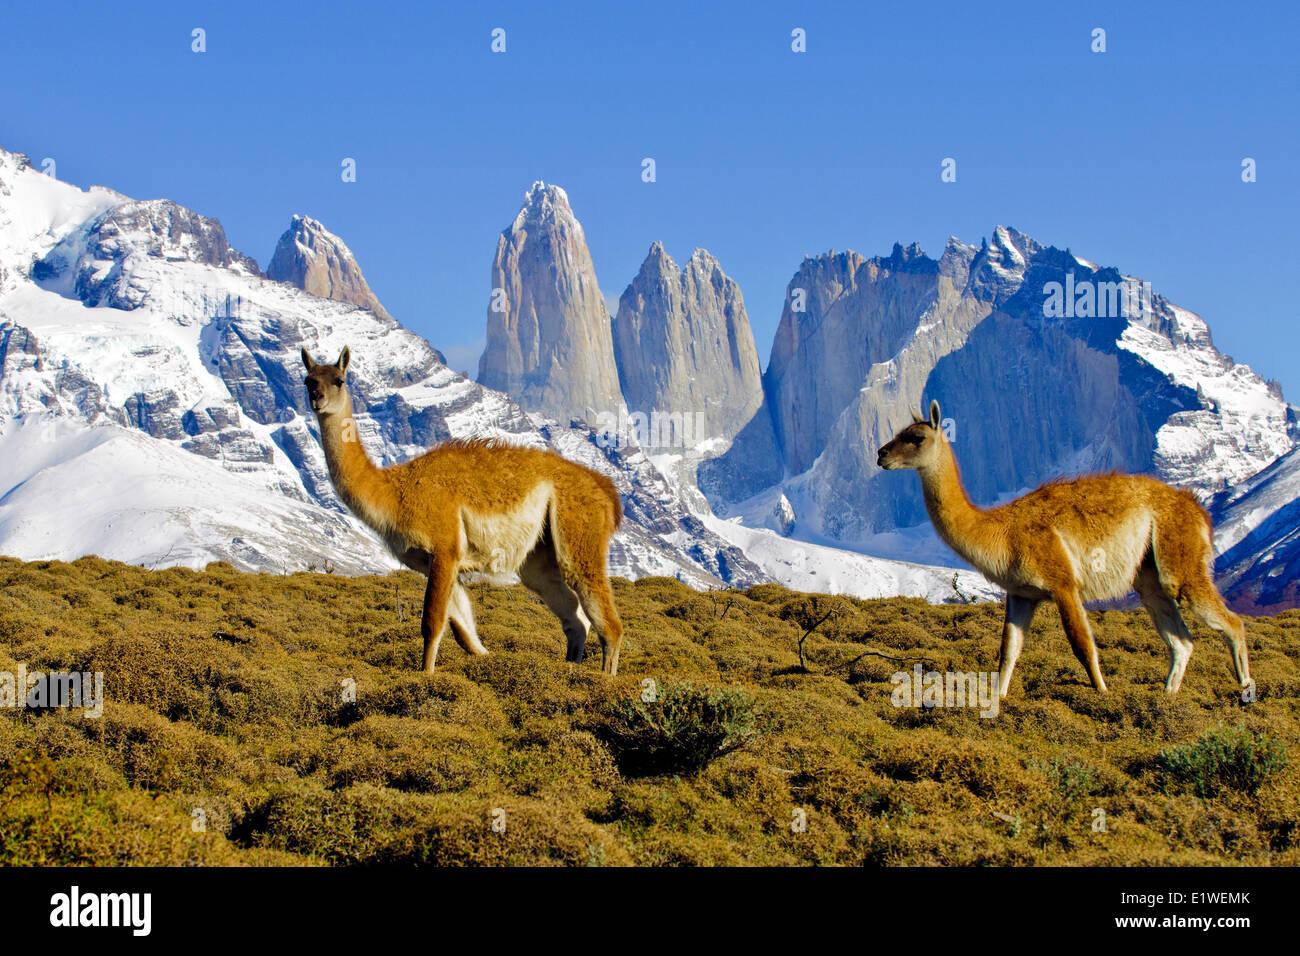 Des profils des guanacos (Lama guanicoe), Parc National Torres del Paine, Patagonie, sud du Chili, en Amérique du Sud Banque D'Images